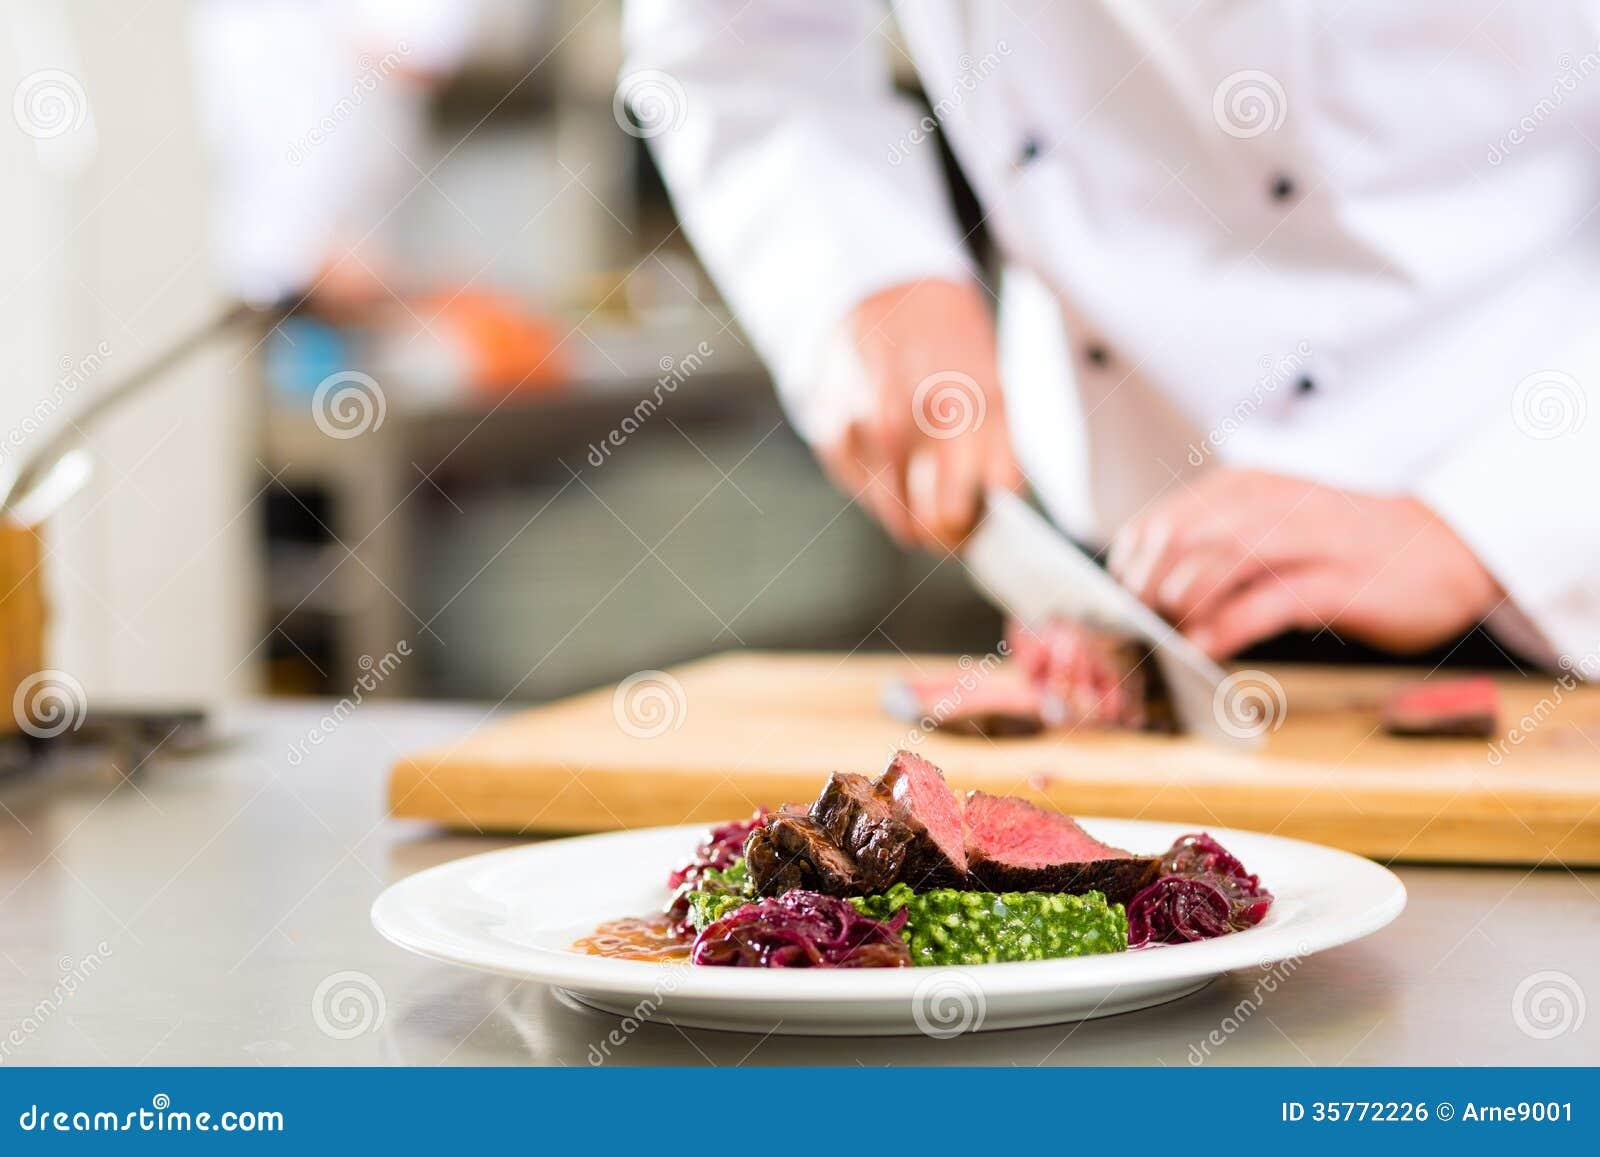 厨师在准备食物的餐馆厨房里